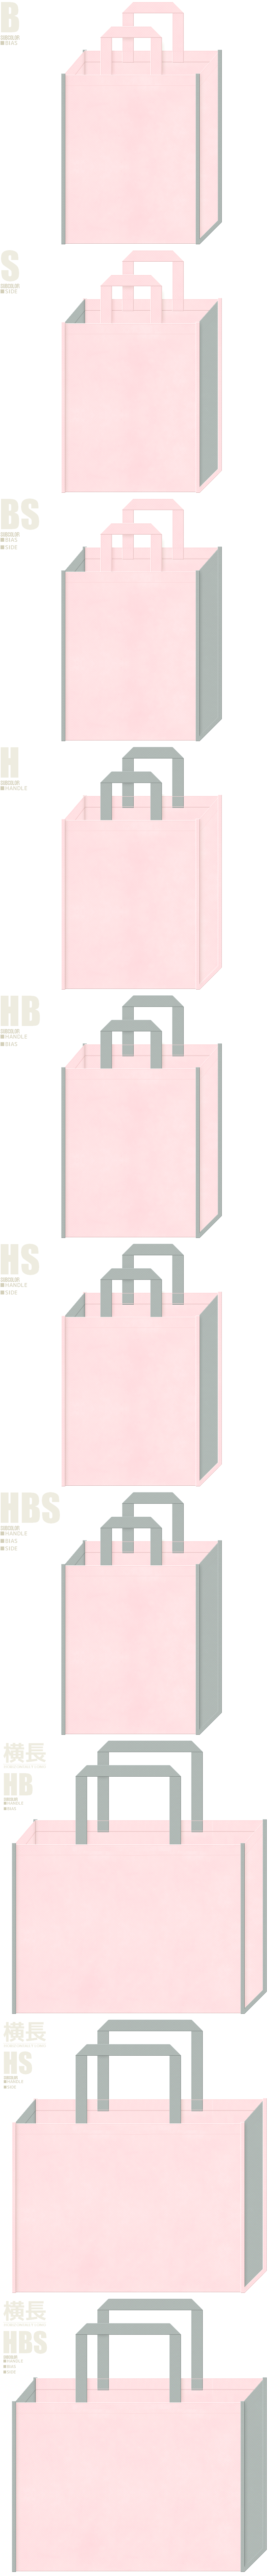 ガーリーな不織布バッグにお奨めのデザイン:桜色とグレー色の配色7パターン。